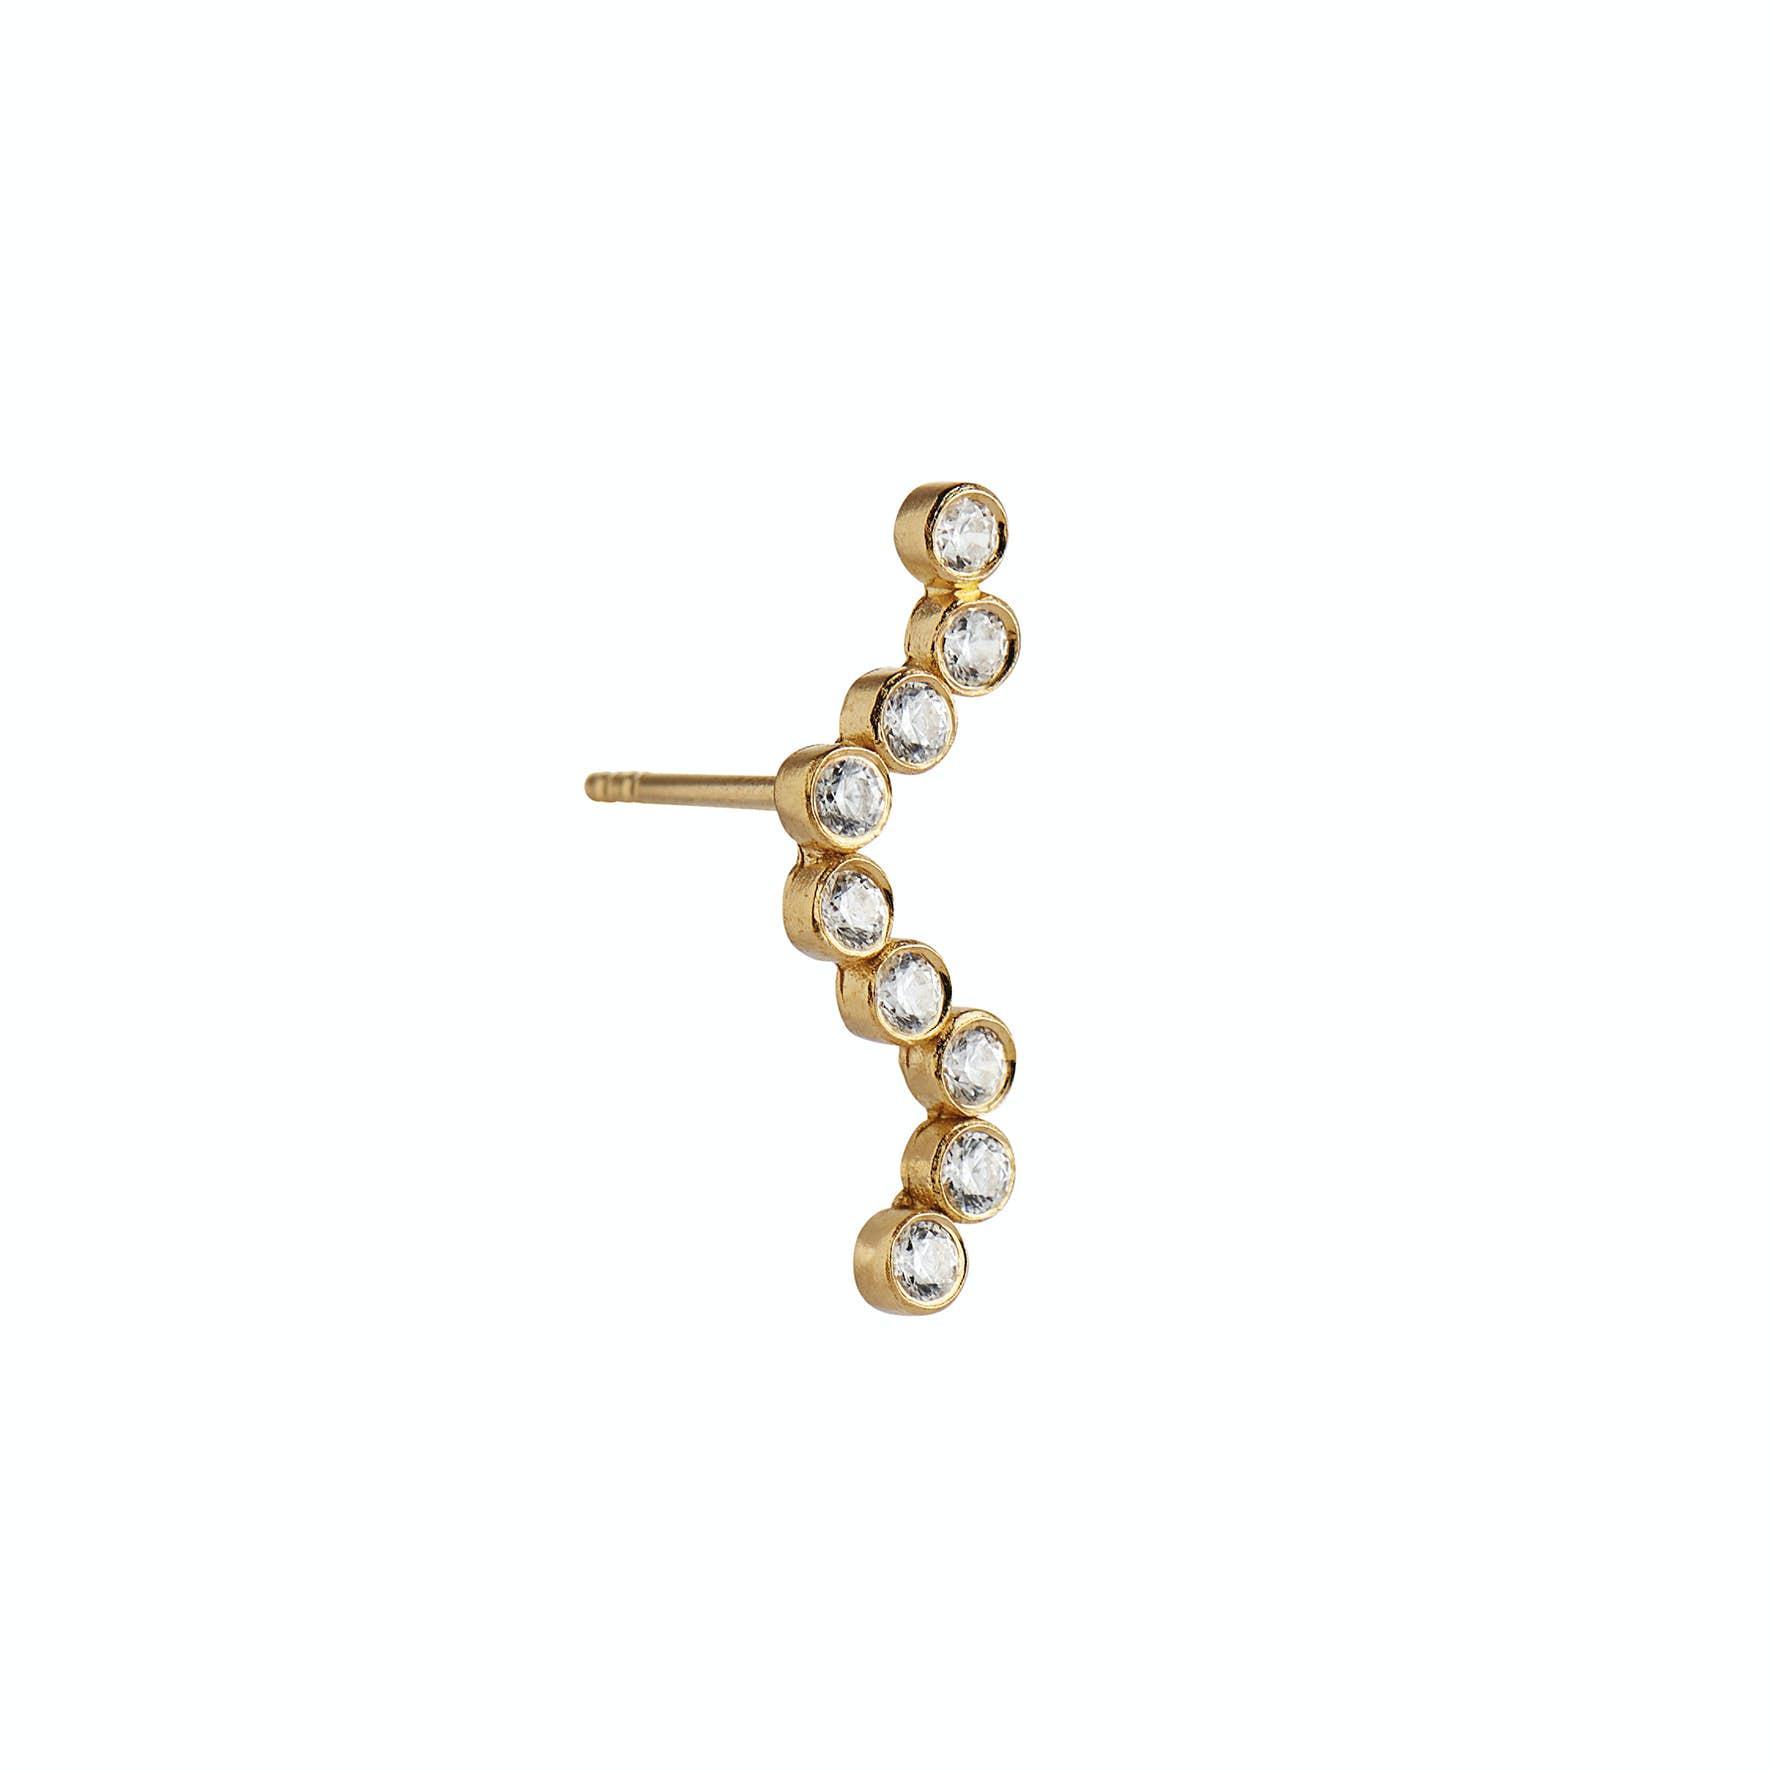 Midnight Sparkle Earring - Left fra STINE A Jewelry i Forgylt-Sølv Sterling 925